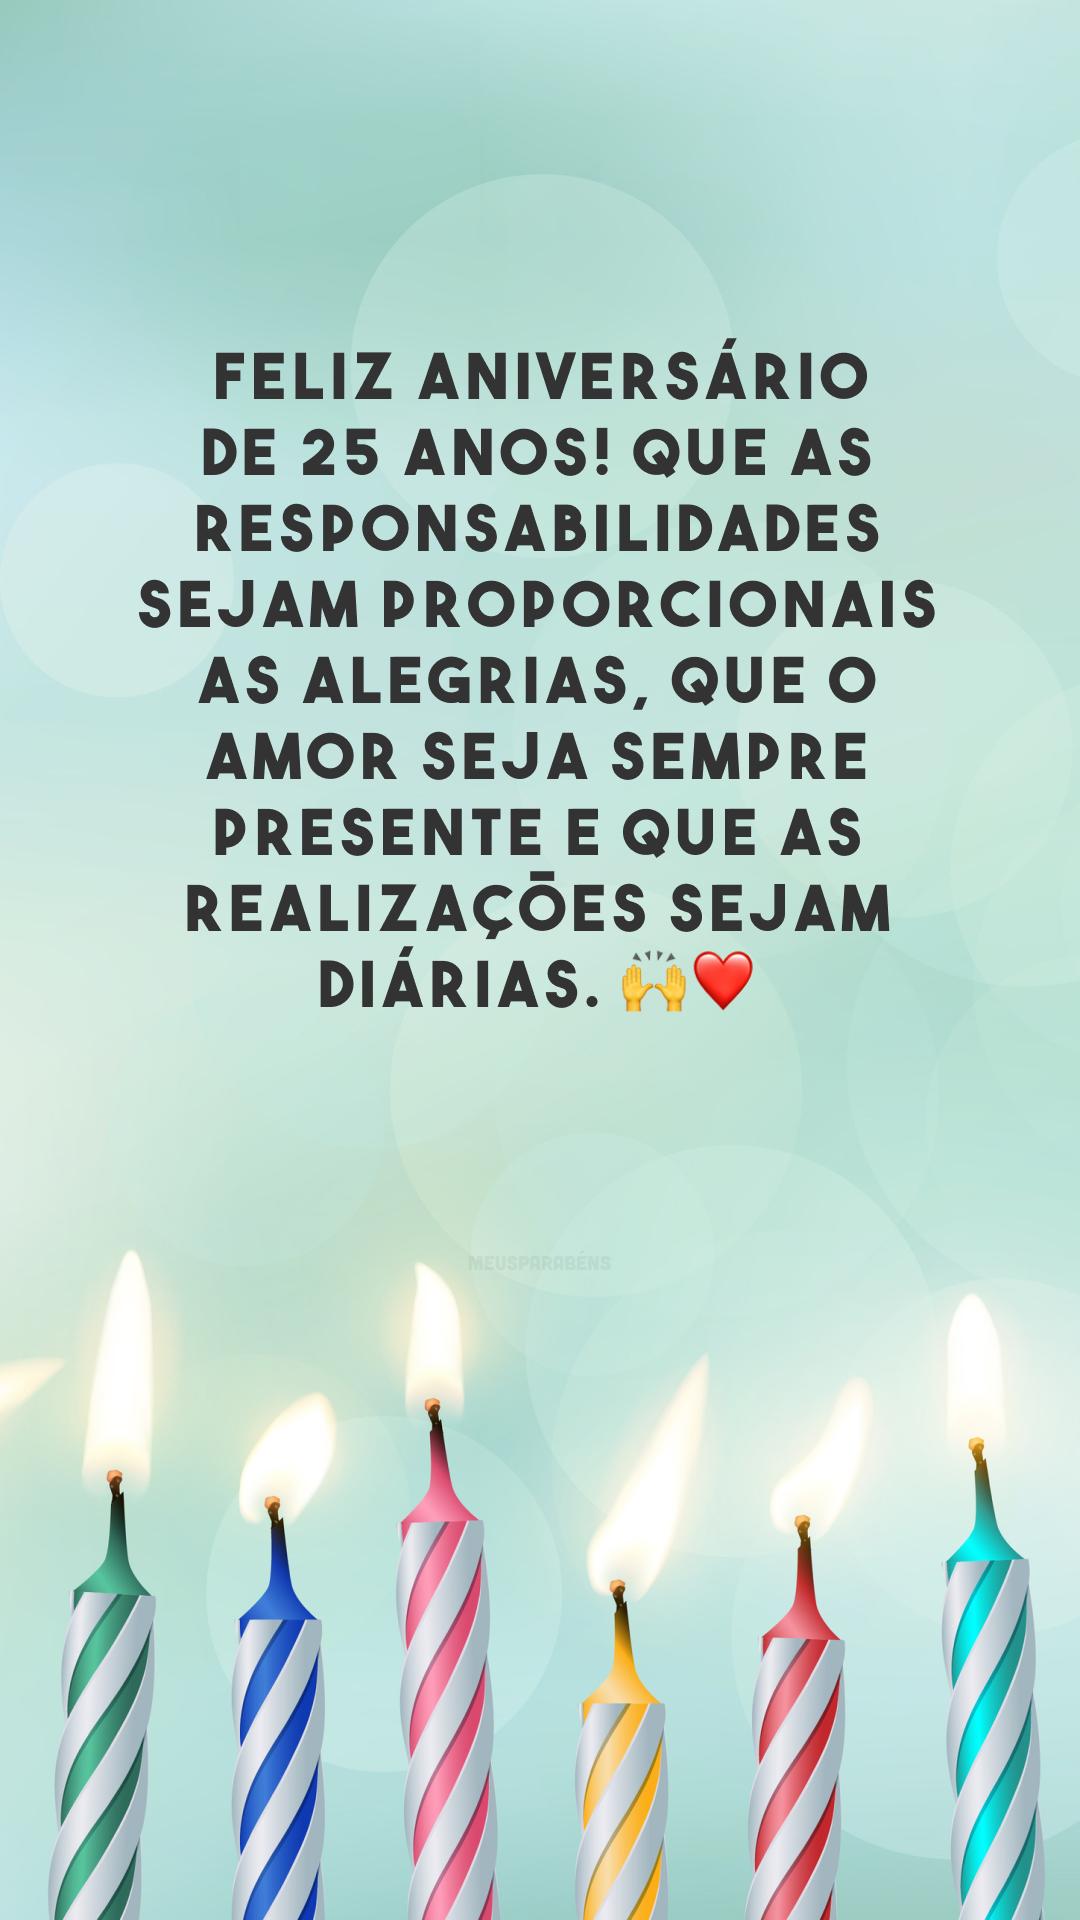 Feliz aniversário de 25 anos! Que as responsabilidades sejam proporcionais as alegrias, que o amor seja sempre presente e que as realizações sejam diárias. 🙌❤️